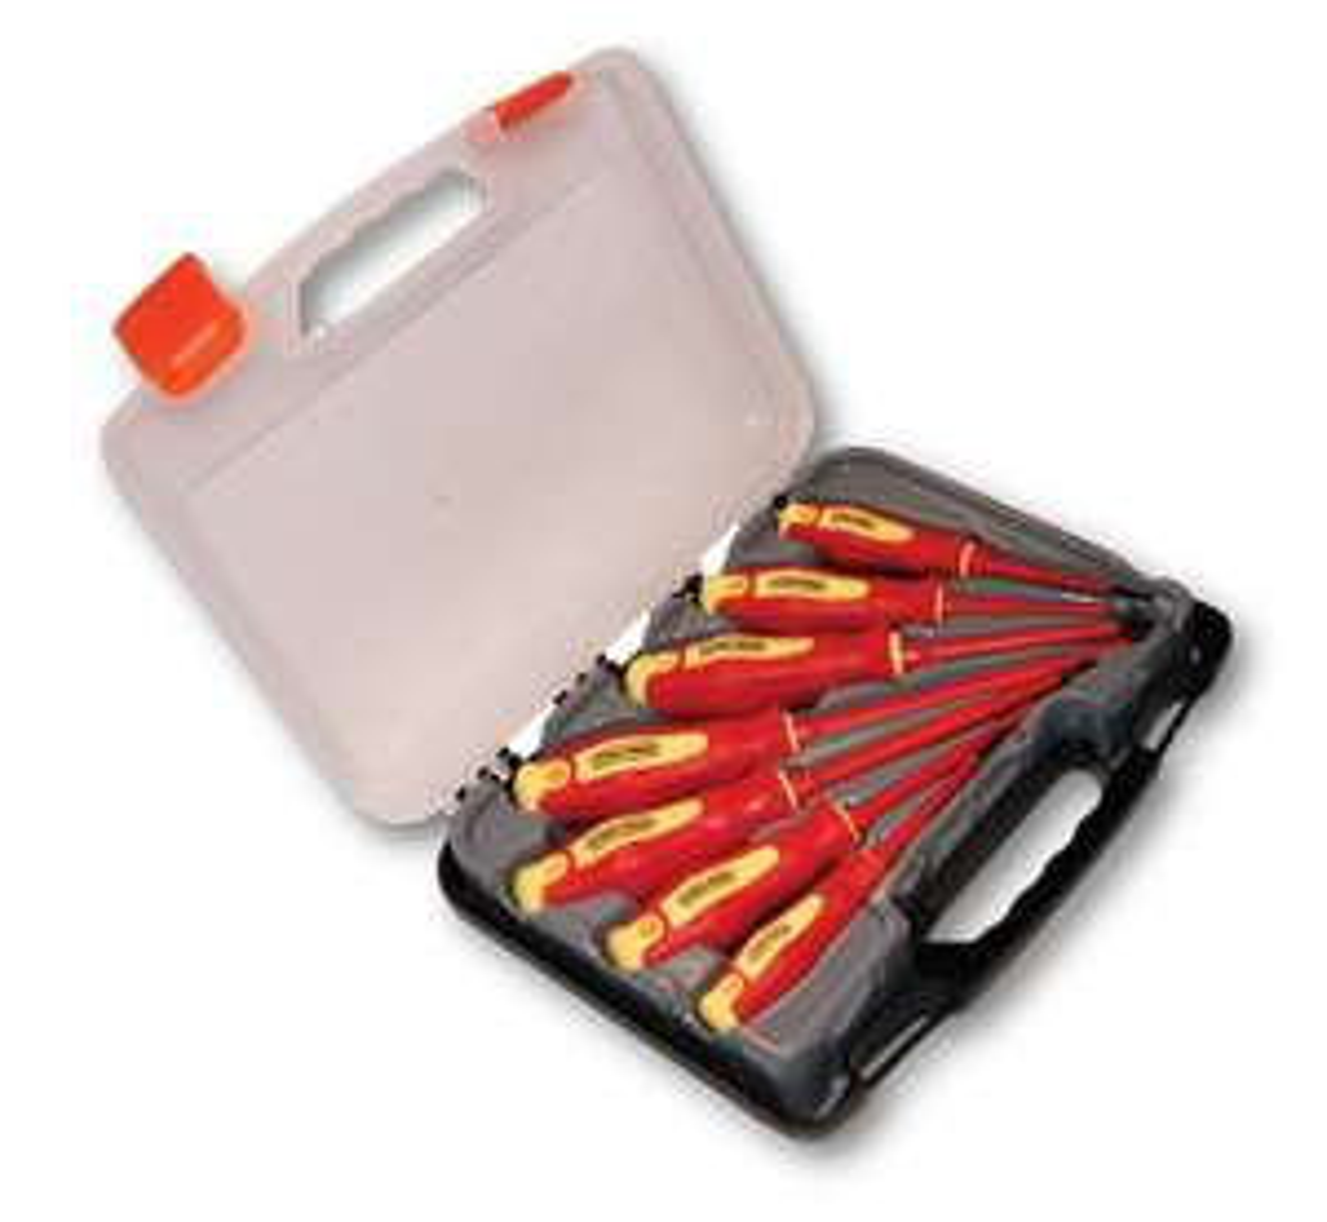 7 piece VDE insulated screwdriver set. £4.99 @ Quality Save